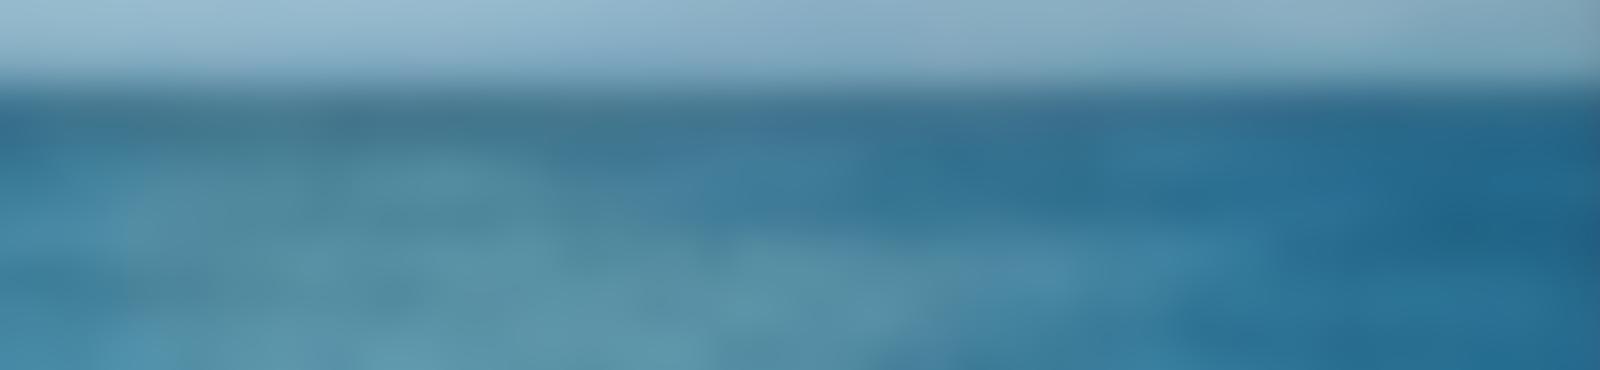 Blurred 7d63dcd7 c4c2 4e83 88e9 8f90afce00d0